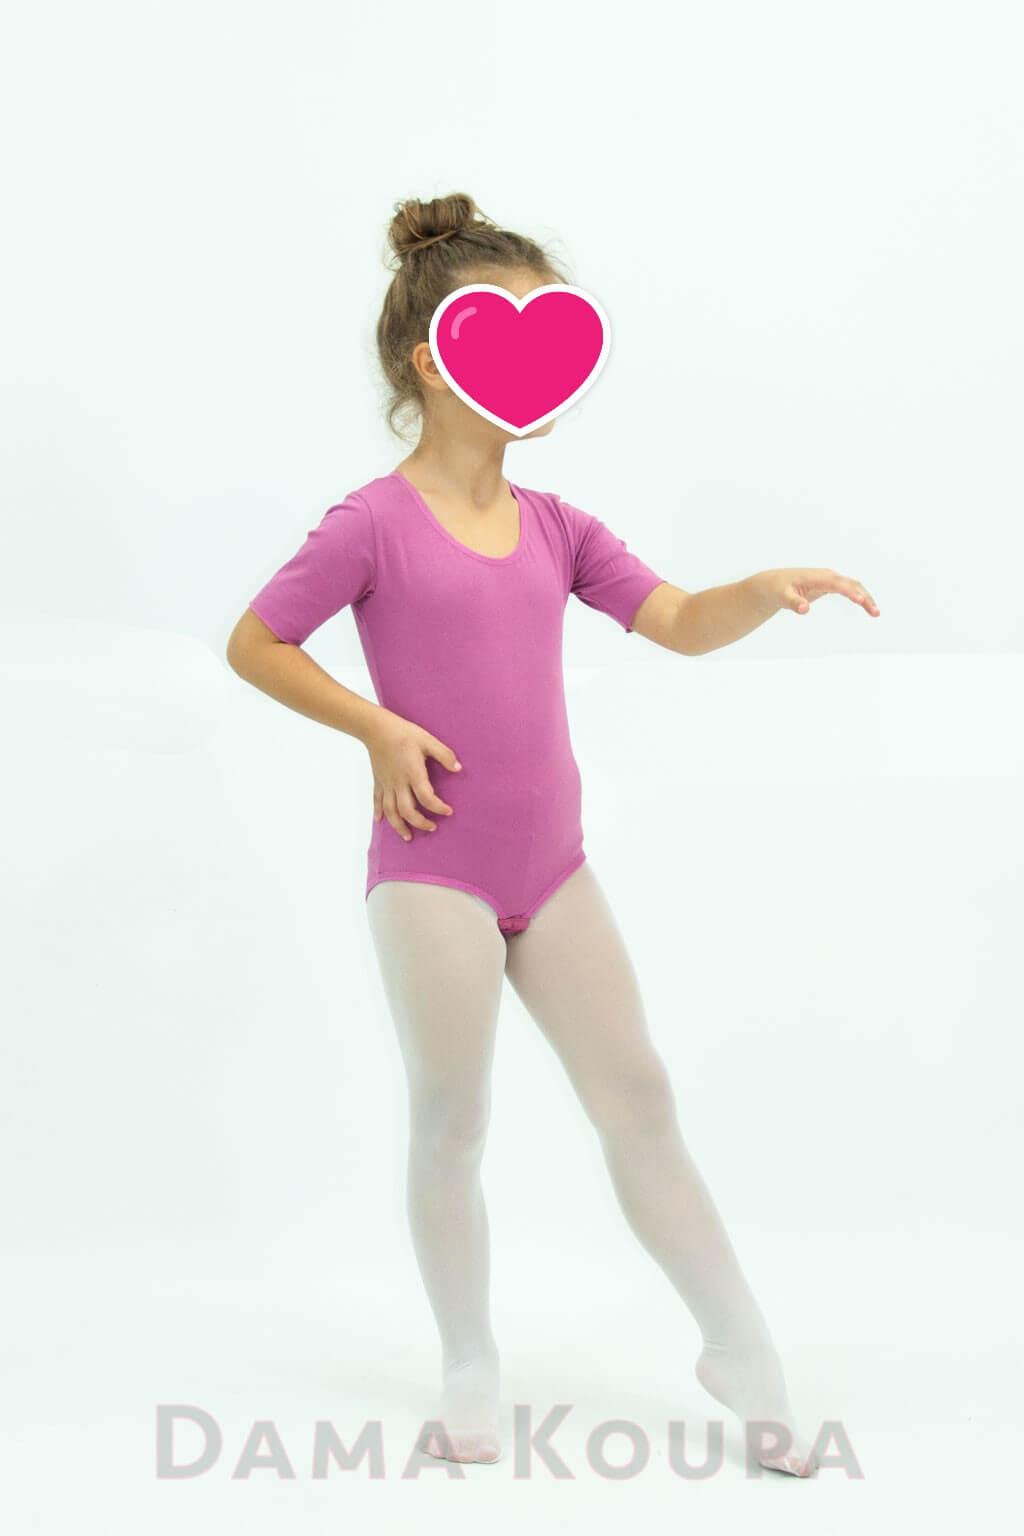 11c4b394f8f Παιδικό κορμάκι γυμναστικής σε ροζ χρώμα κοντό μανίκι Ροζ κορμάκι ρυθμικής  για παιδιά ...